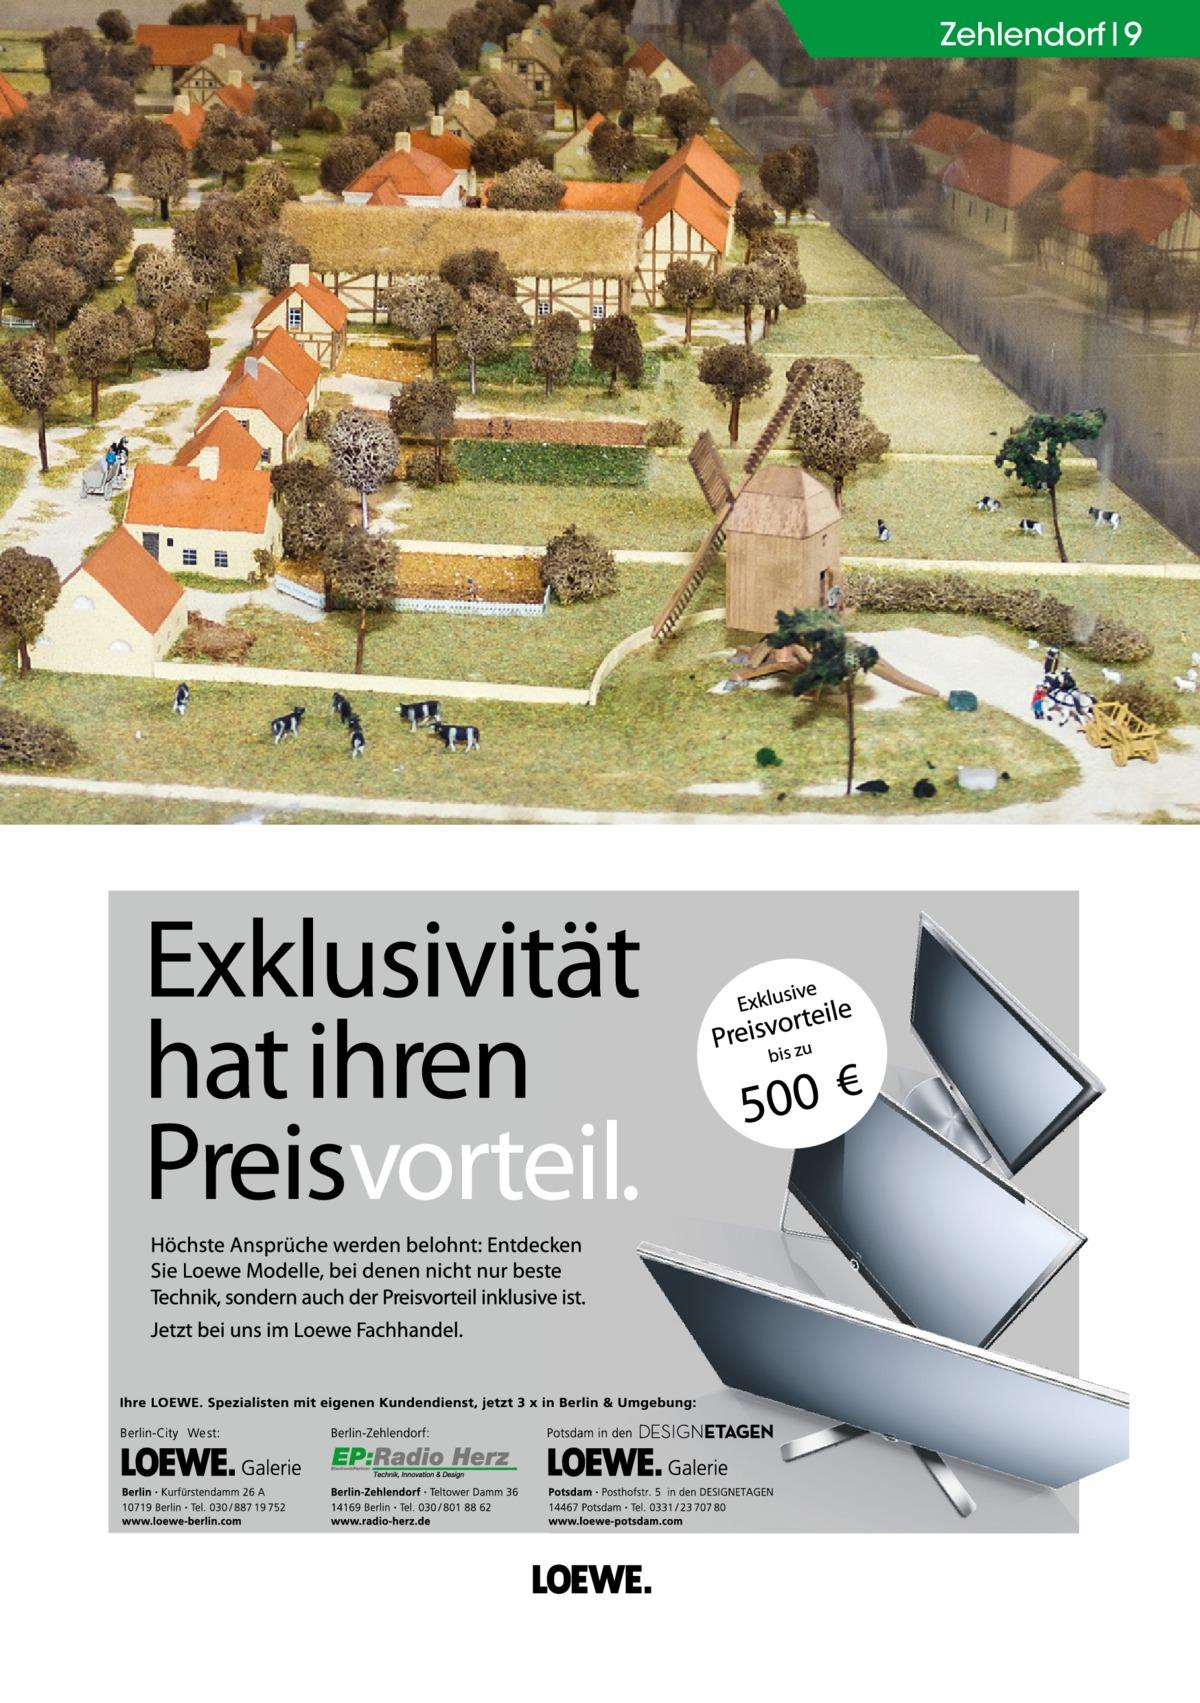 Zehlendorf 9  Der Dorfanger als Modell im Heimatmuseum.